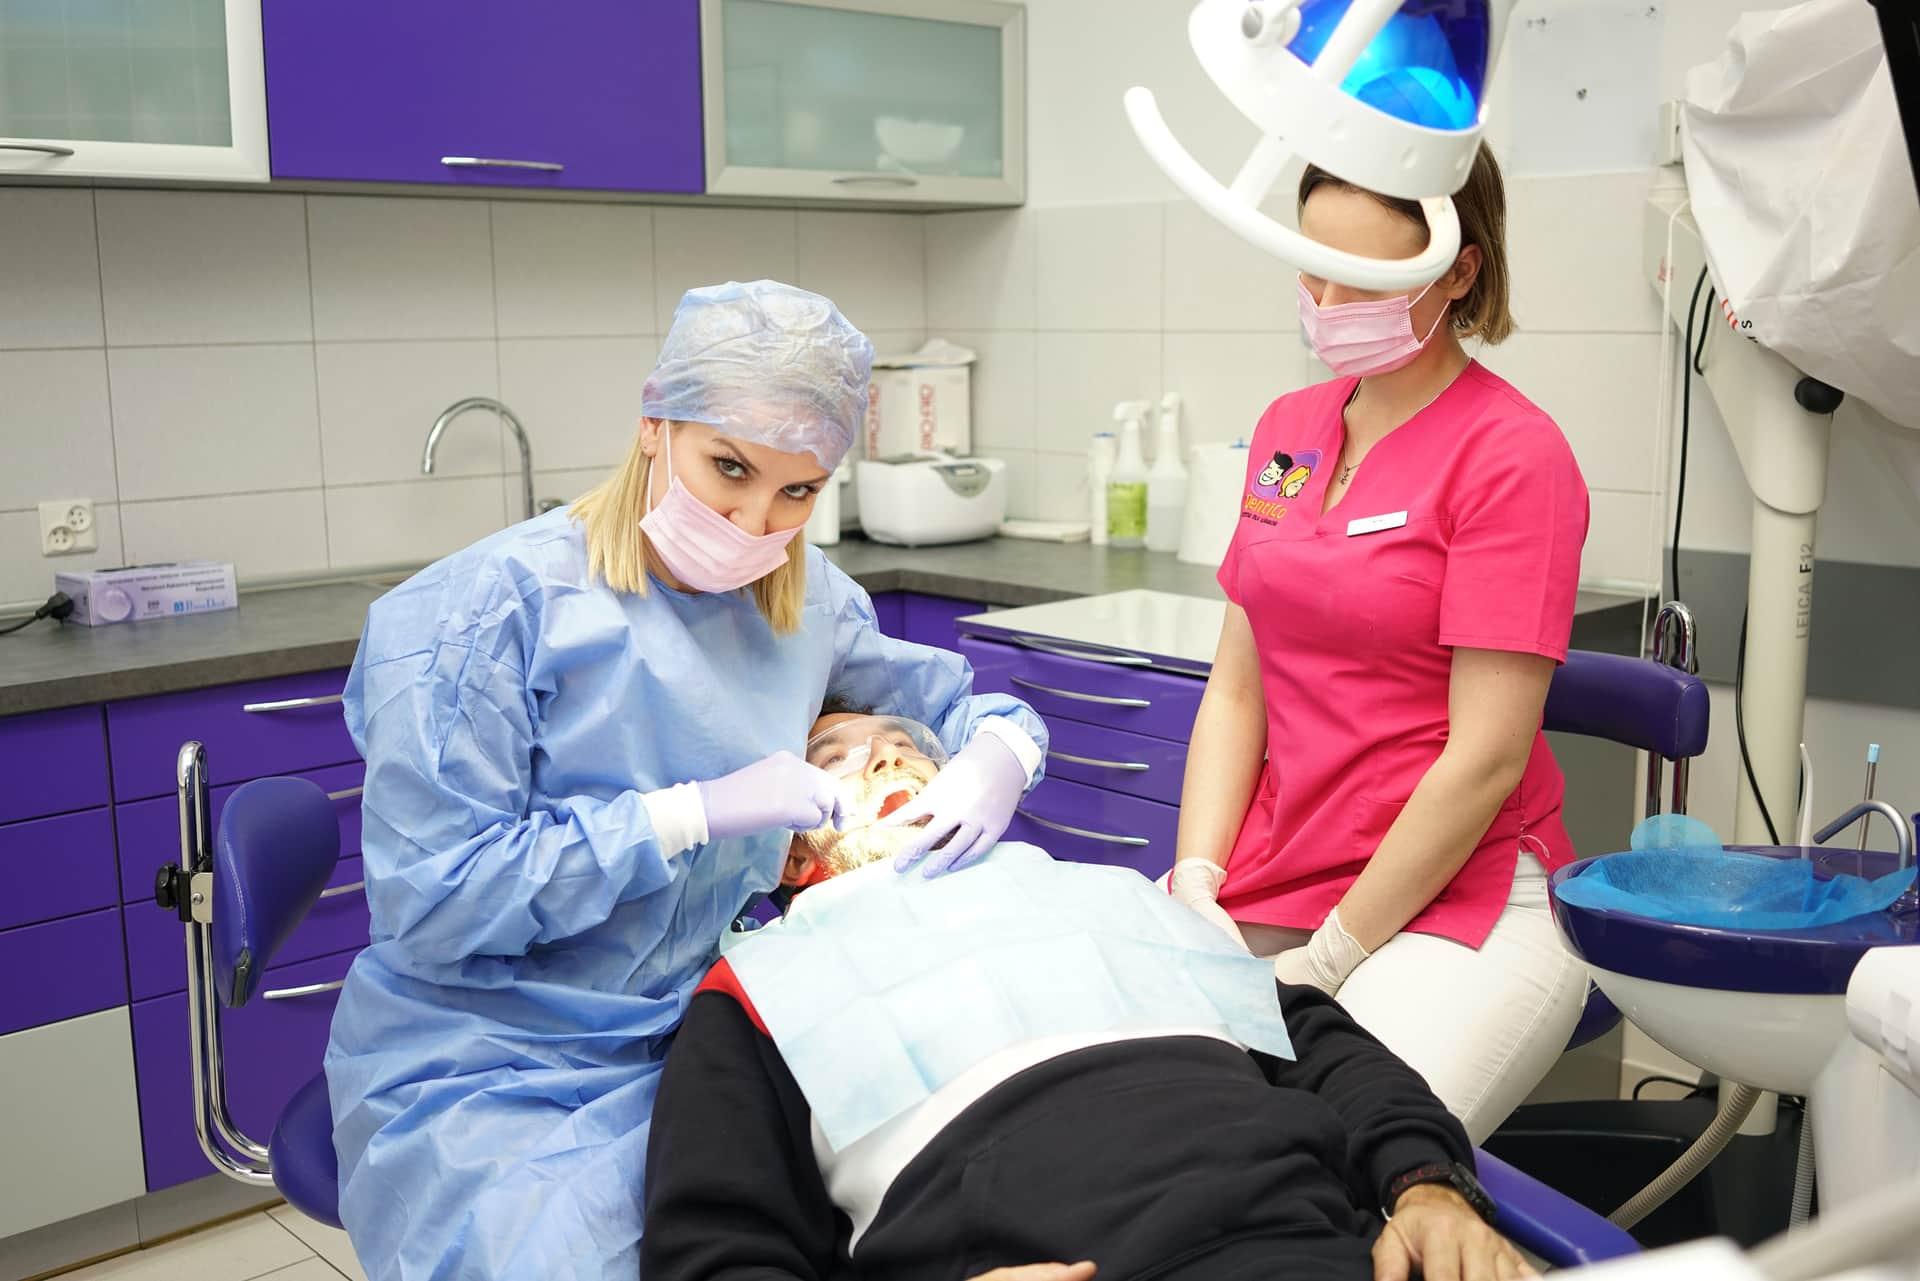 Pełen zakres leczenia chirurgicznego w DentiCO Stomatologia Chirurgia stomatologiczna Dentico gotdsc01700 3